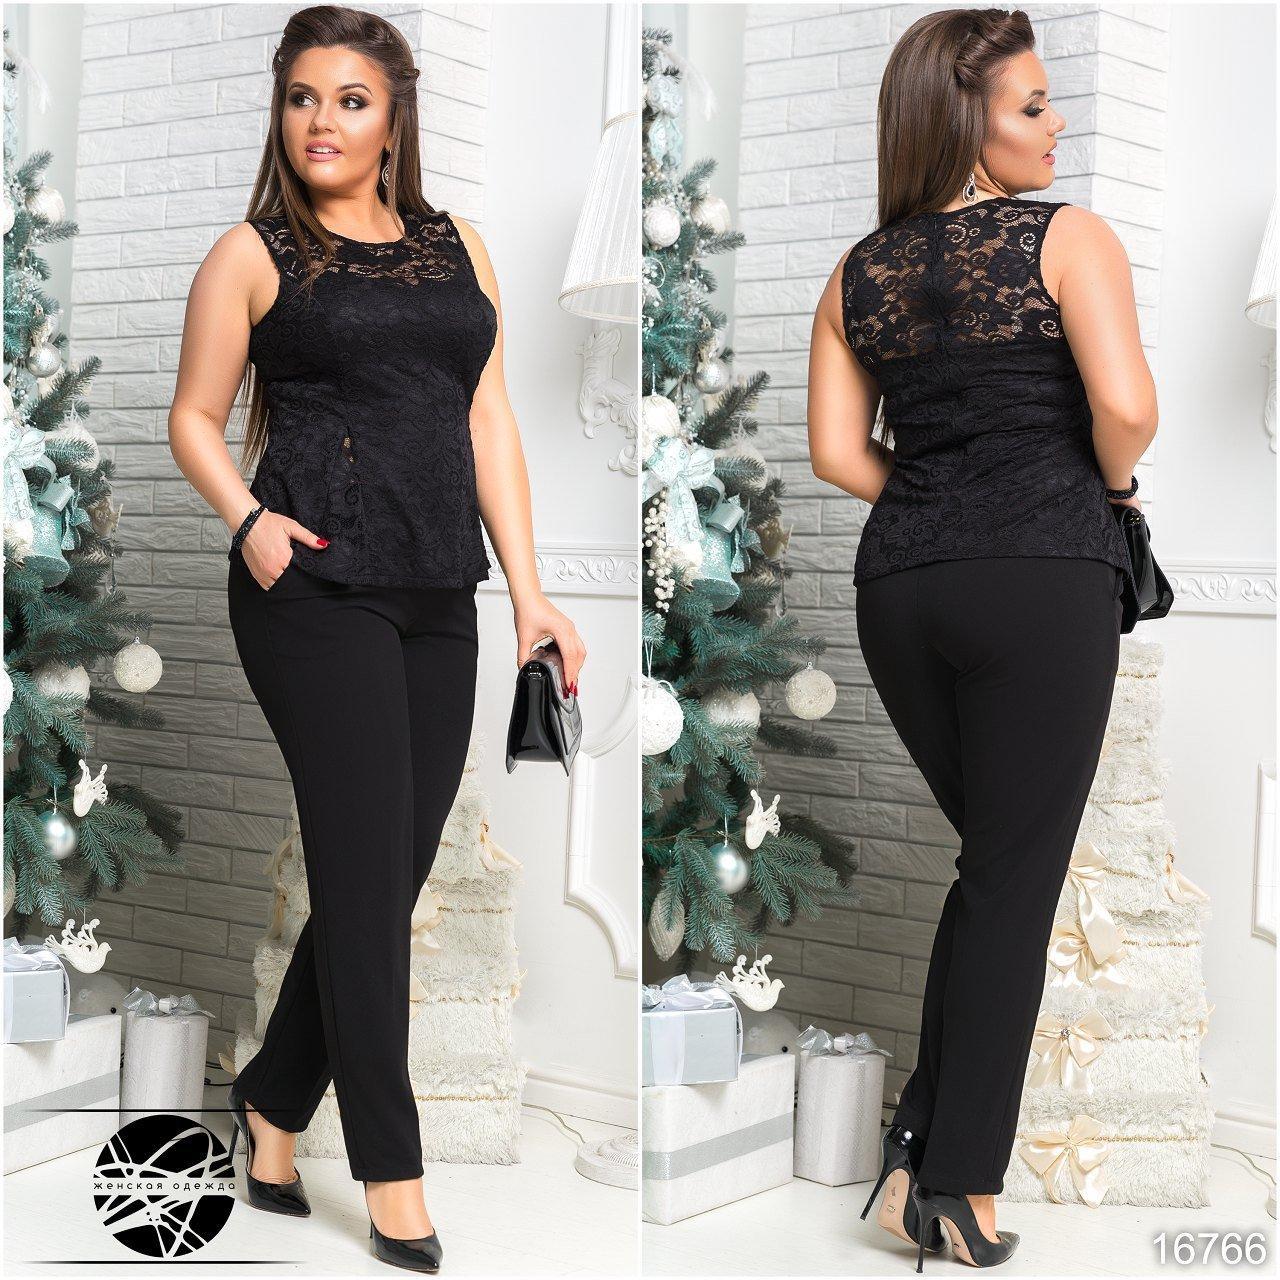 2919839a736 Женский брючный костюм с гипюровой блузой черного цвета. Модель 16766.  Размеры 42-54.